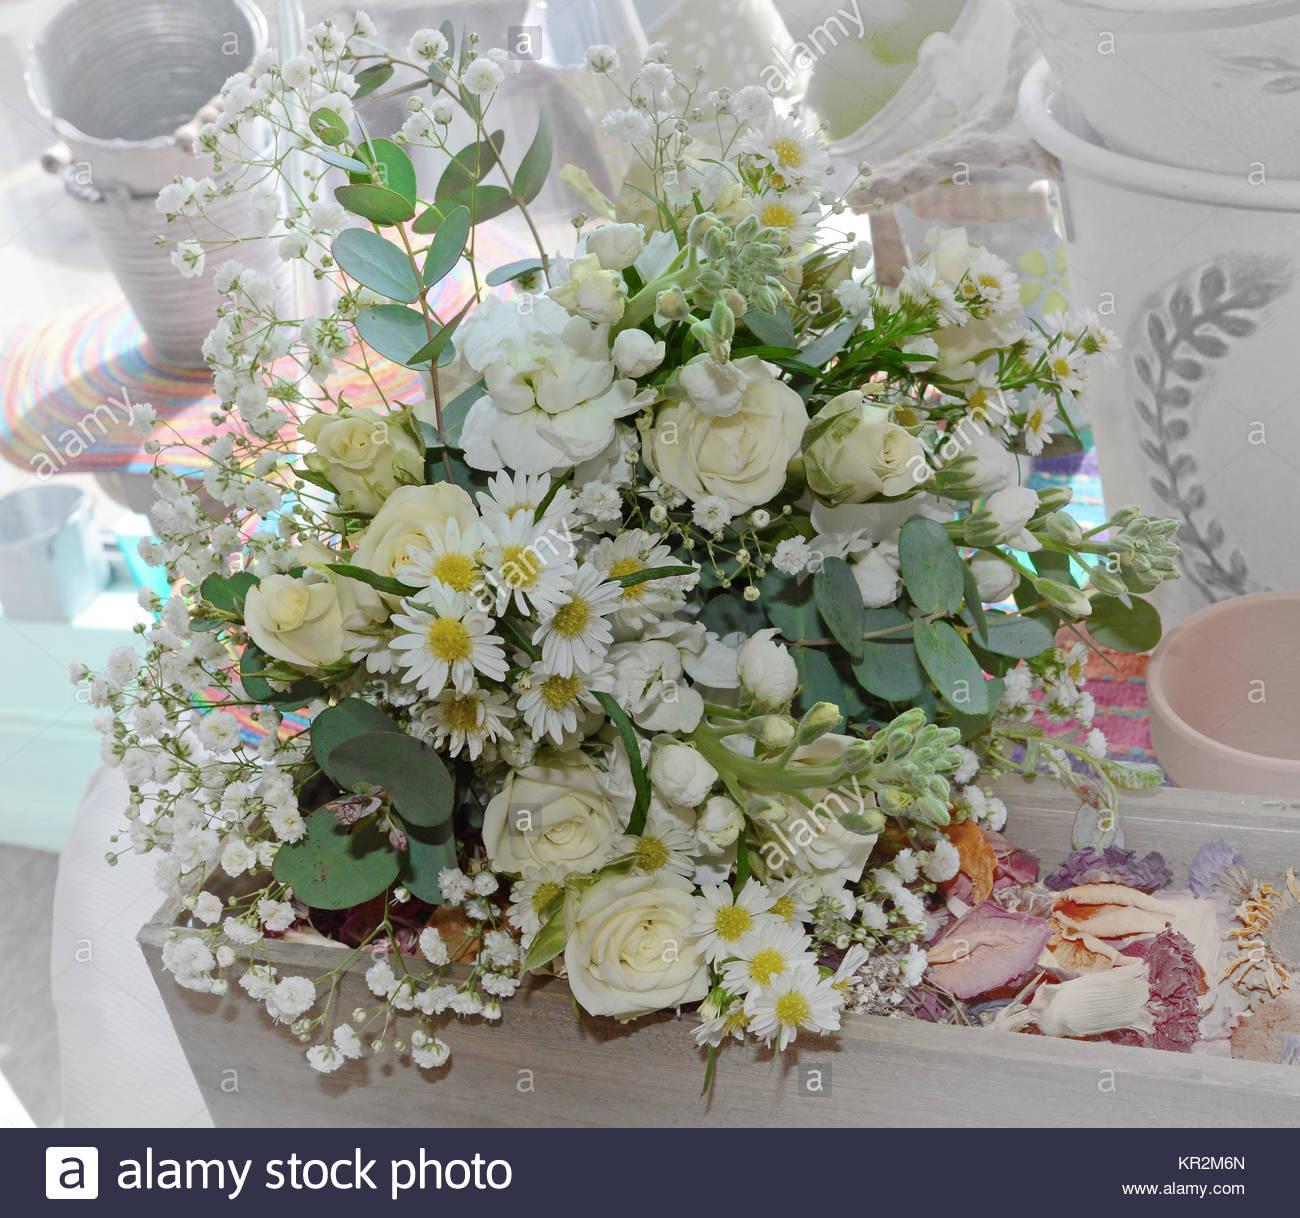 Brautstrauß Hortensien  Foto von einer fließenden alle weiß Brautstrauß mit